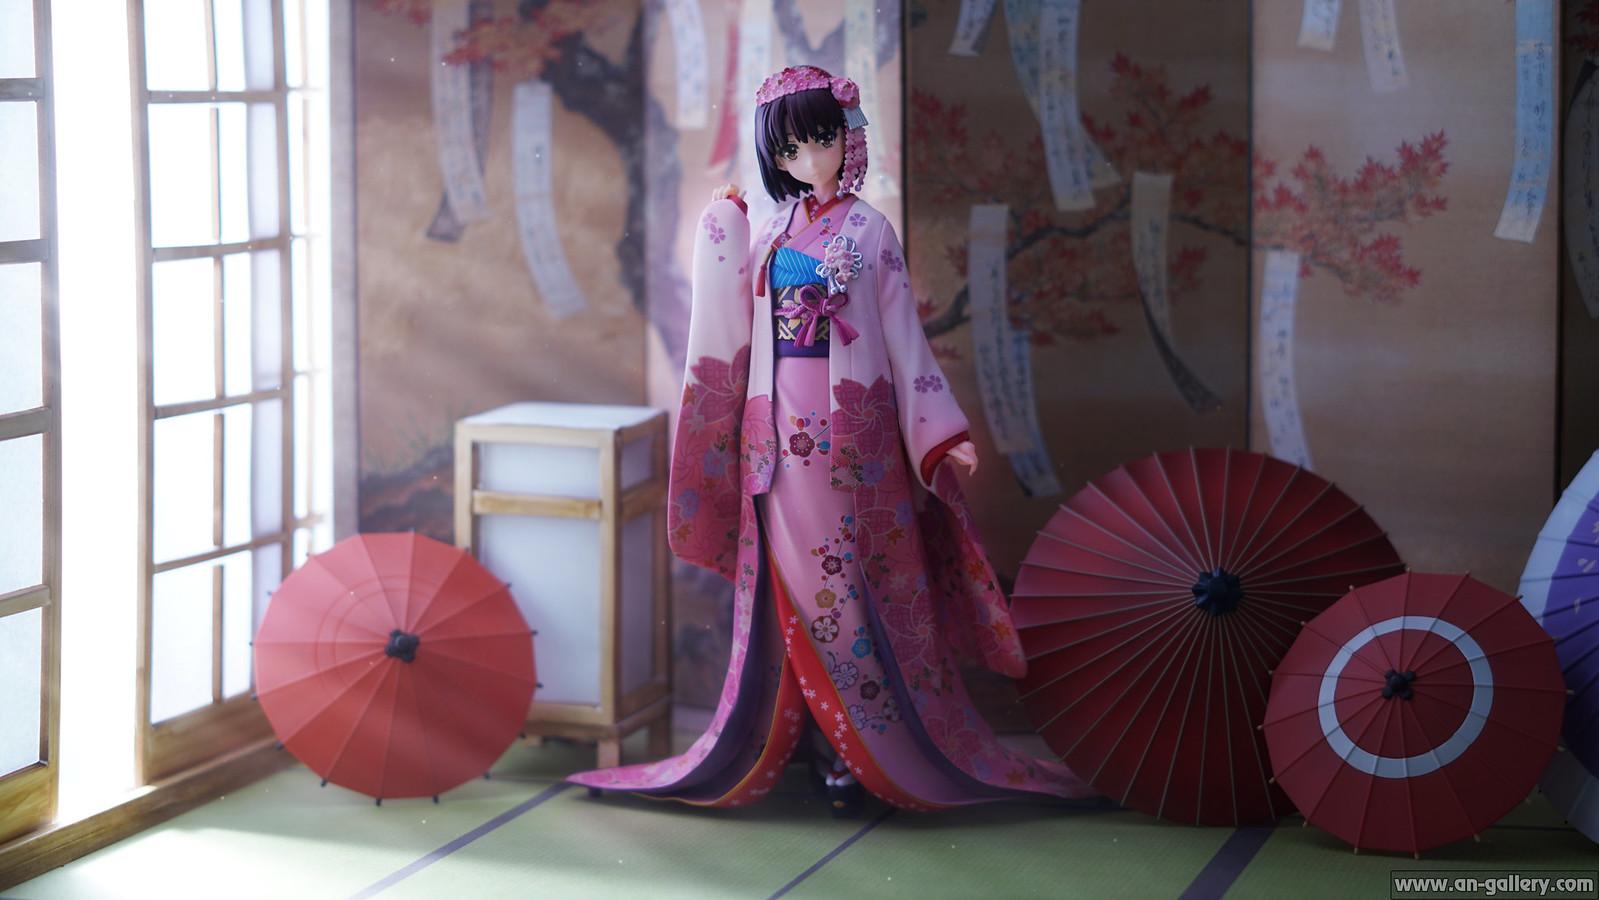 Megumi Kato in Kimono